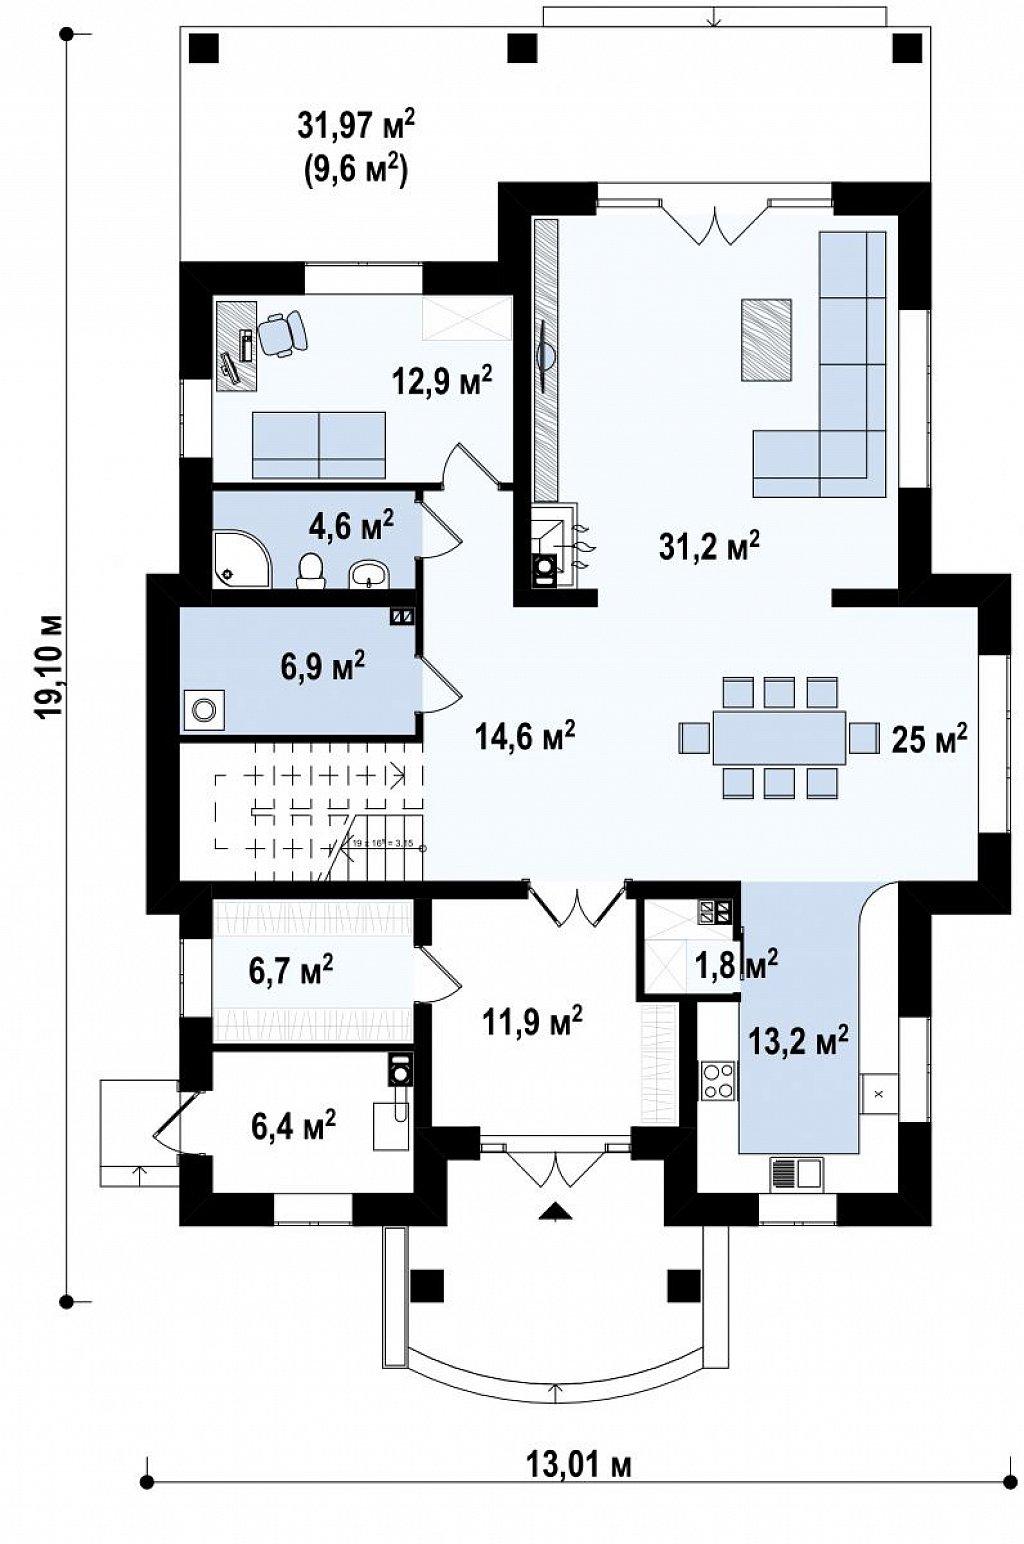 Элегантный двухэтажный классический дом с балконом план помещений 1